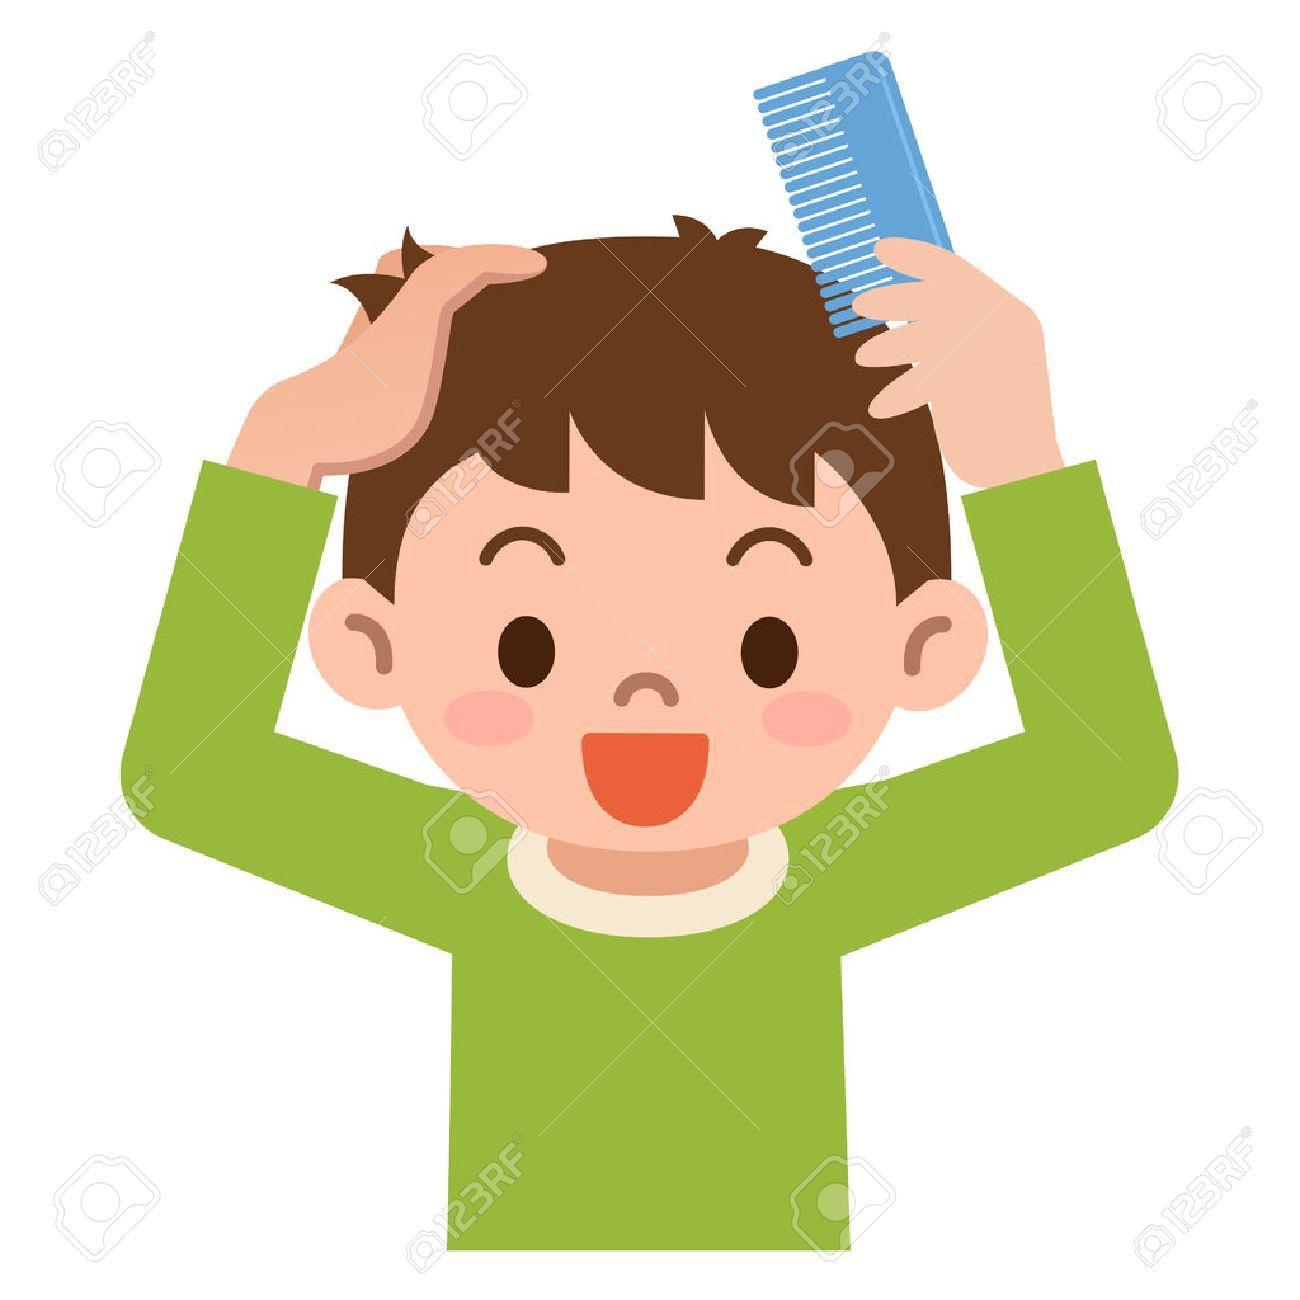 Boy brush hair clipart 4 » Clipart Portal.